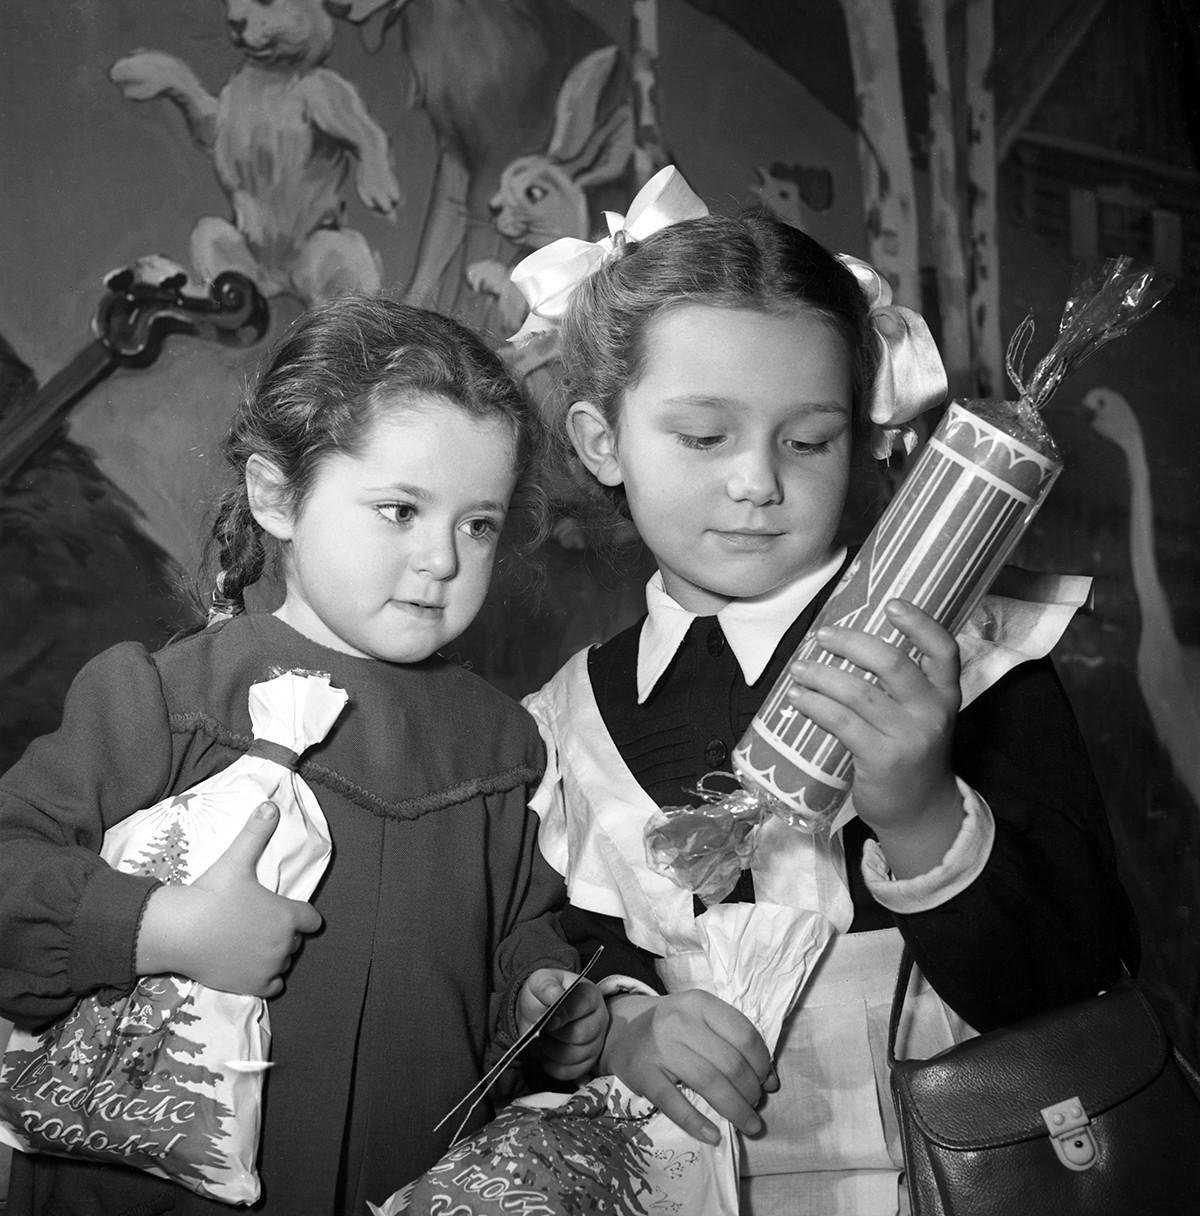 Ko je šlo za ideje za darila, je večina otrok mislila, da je sovjetski dedek Mraz vsemogočen.